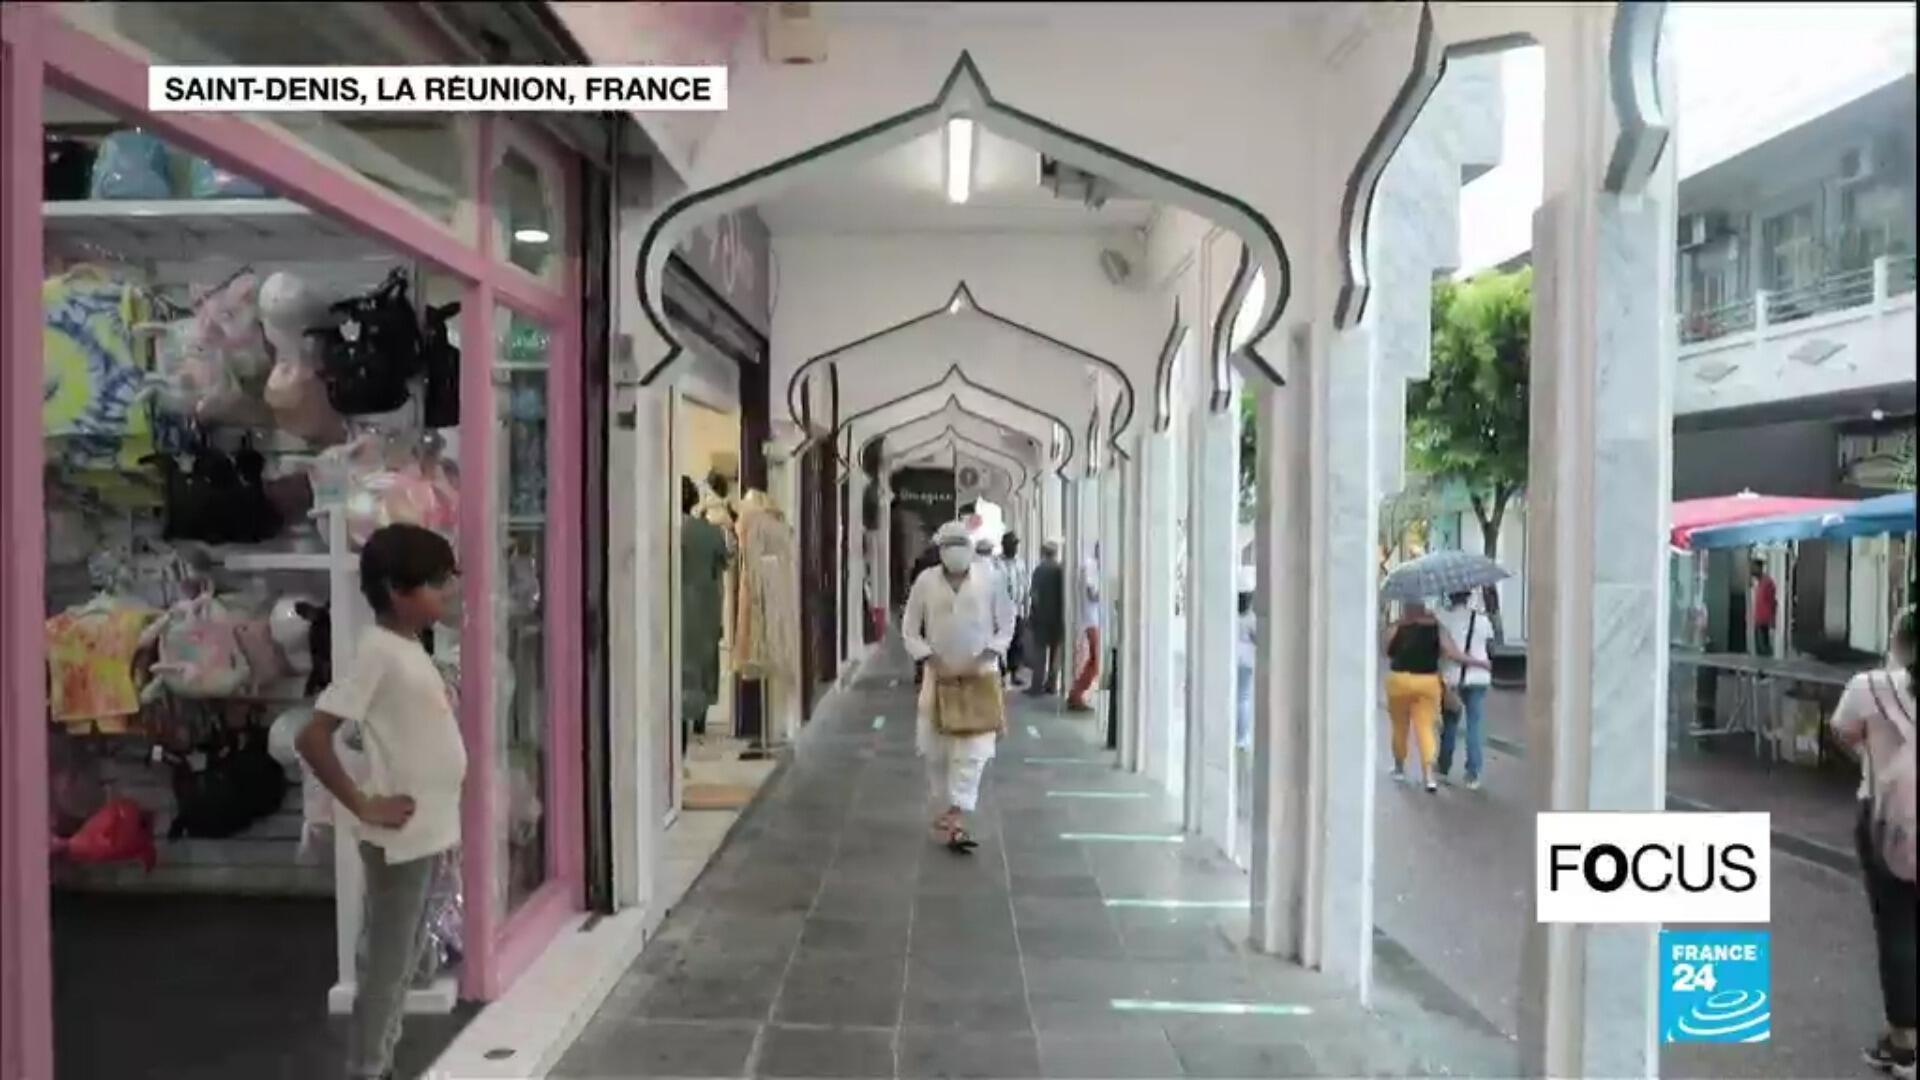 Focus La Réunion